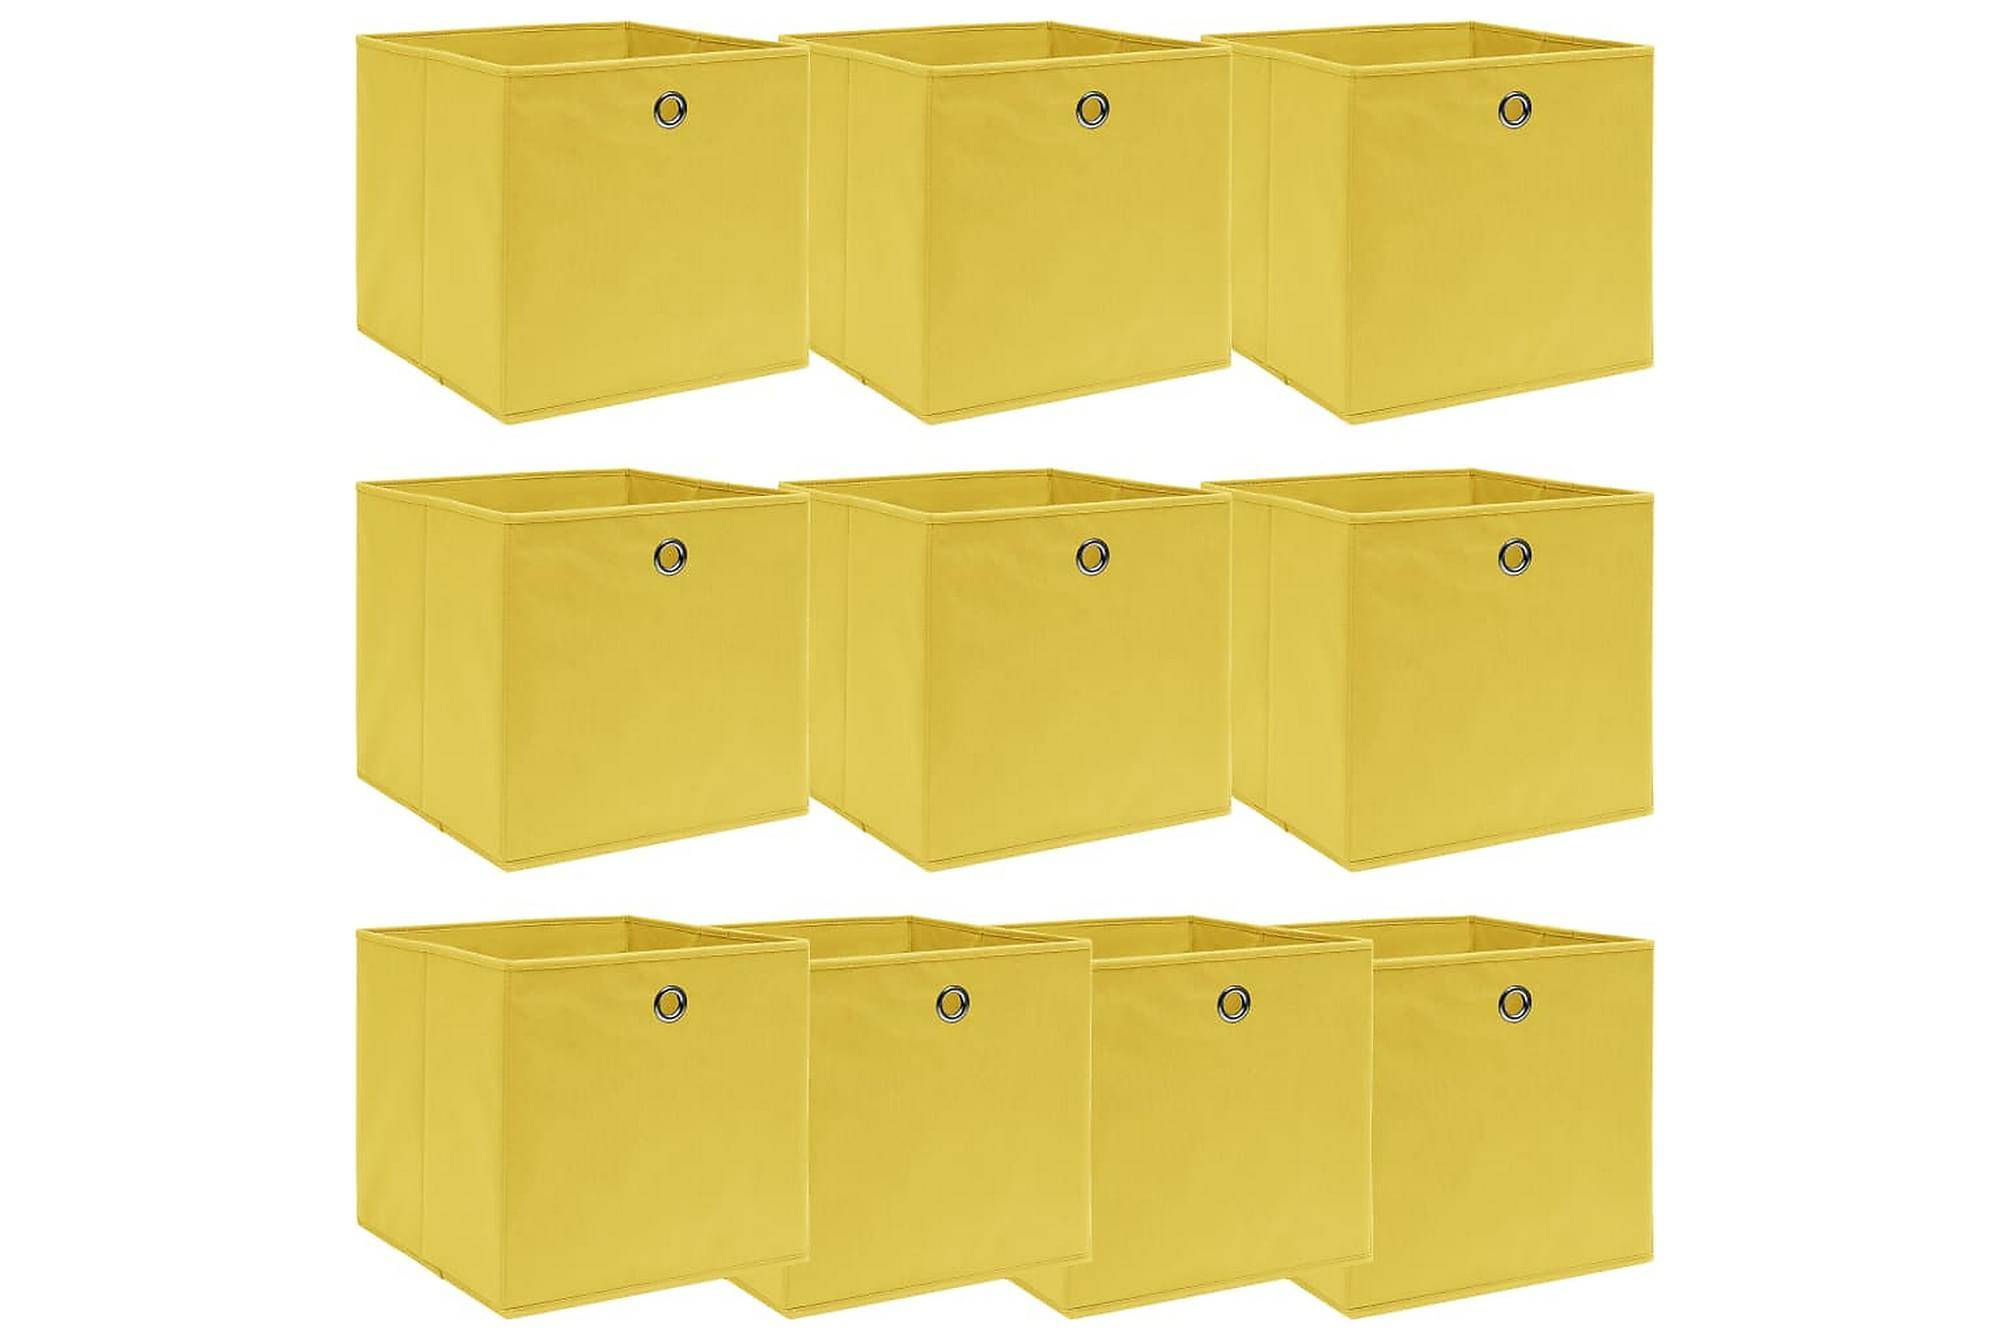 Förvaringslådor 10 st gul 32x32x32 cm tyg, Förvaringslådor & korgar